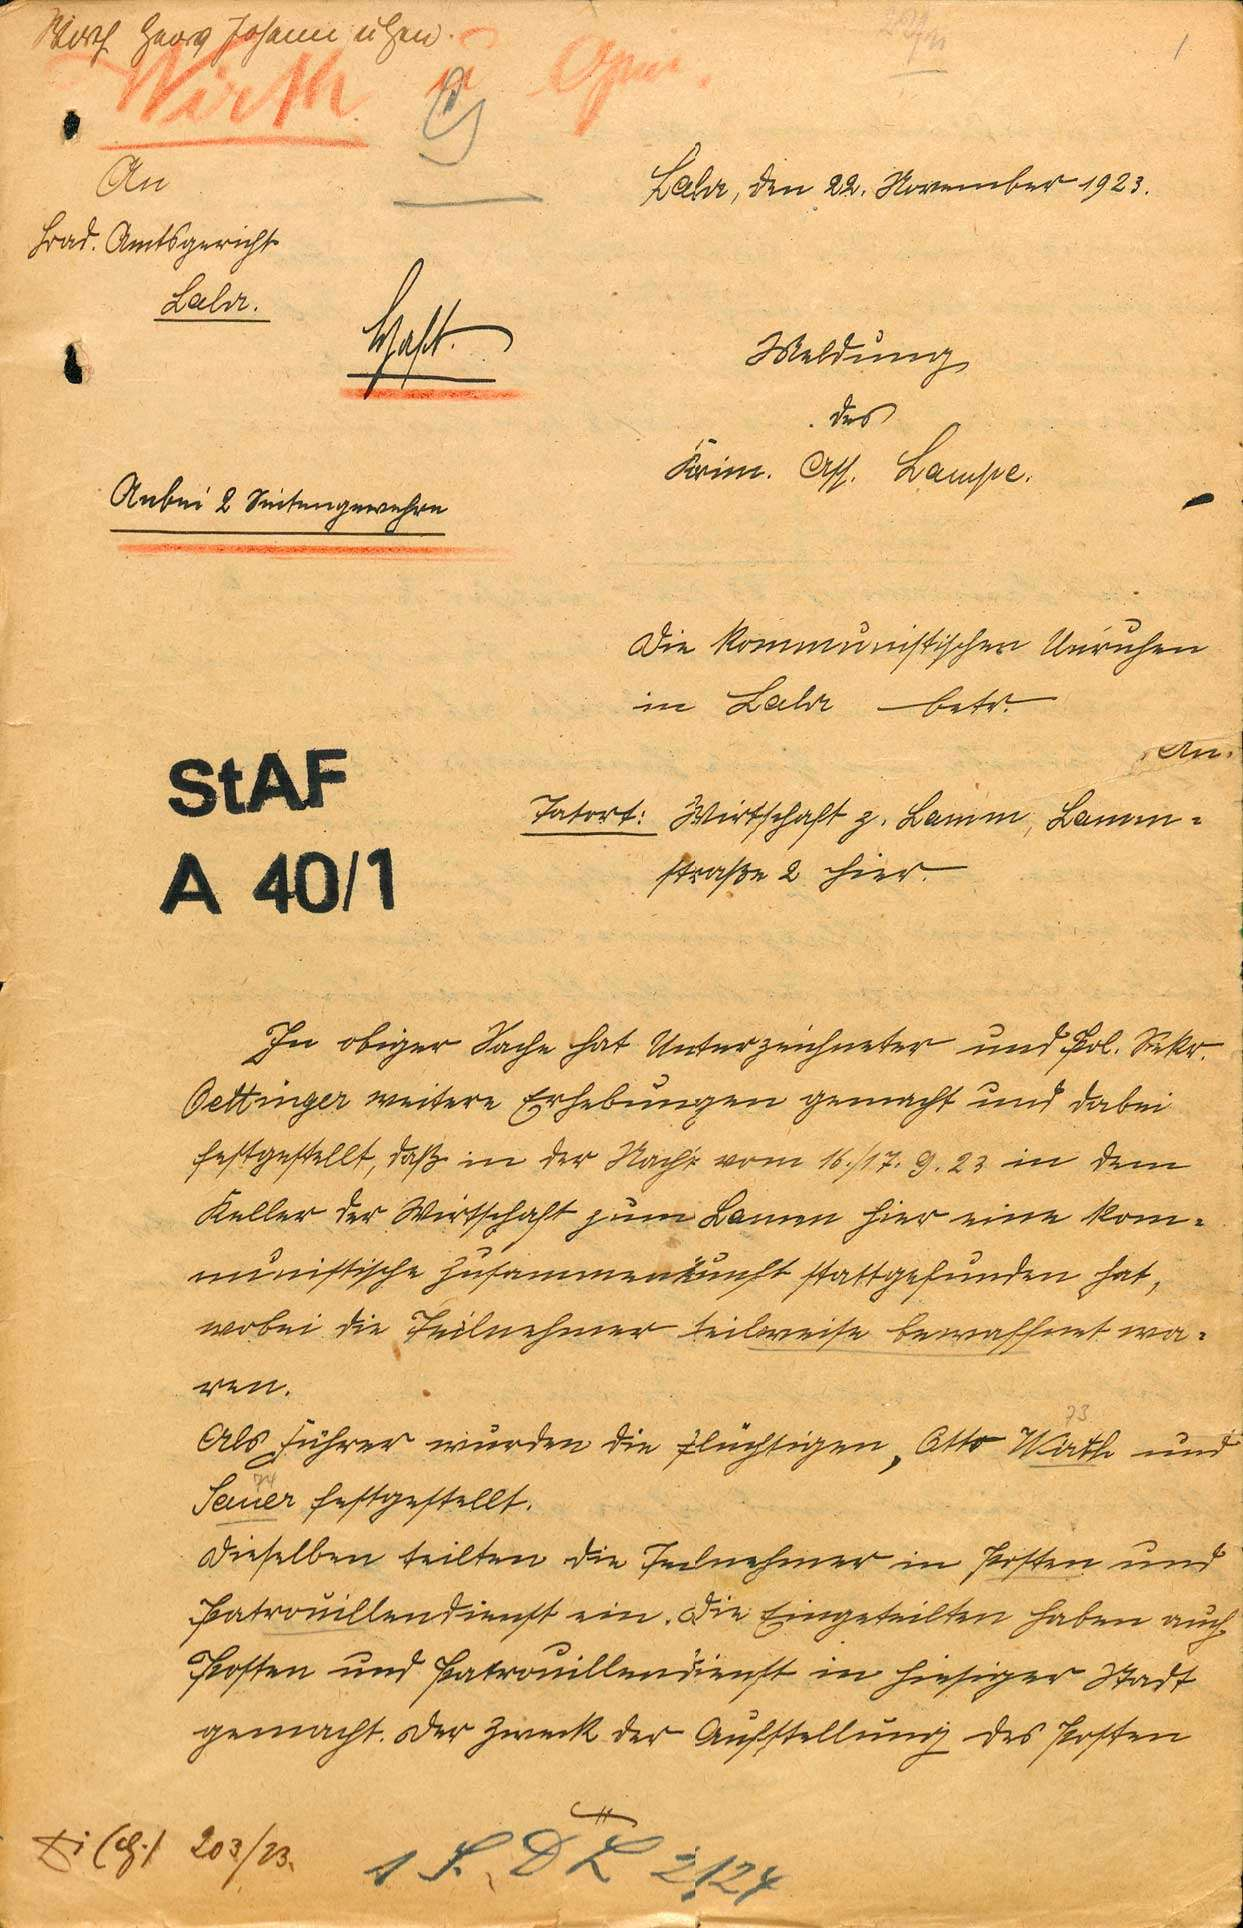 Untersuchung gegen Johann Georg Wirth und andere Personen, Lahr wegen Landfriedensbruch (Beteiligung an den kommunistischen Unruhen in Lahr, Nov. 1923), Bild 1